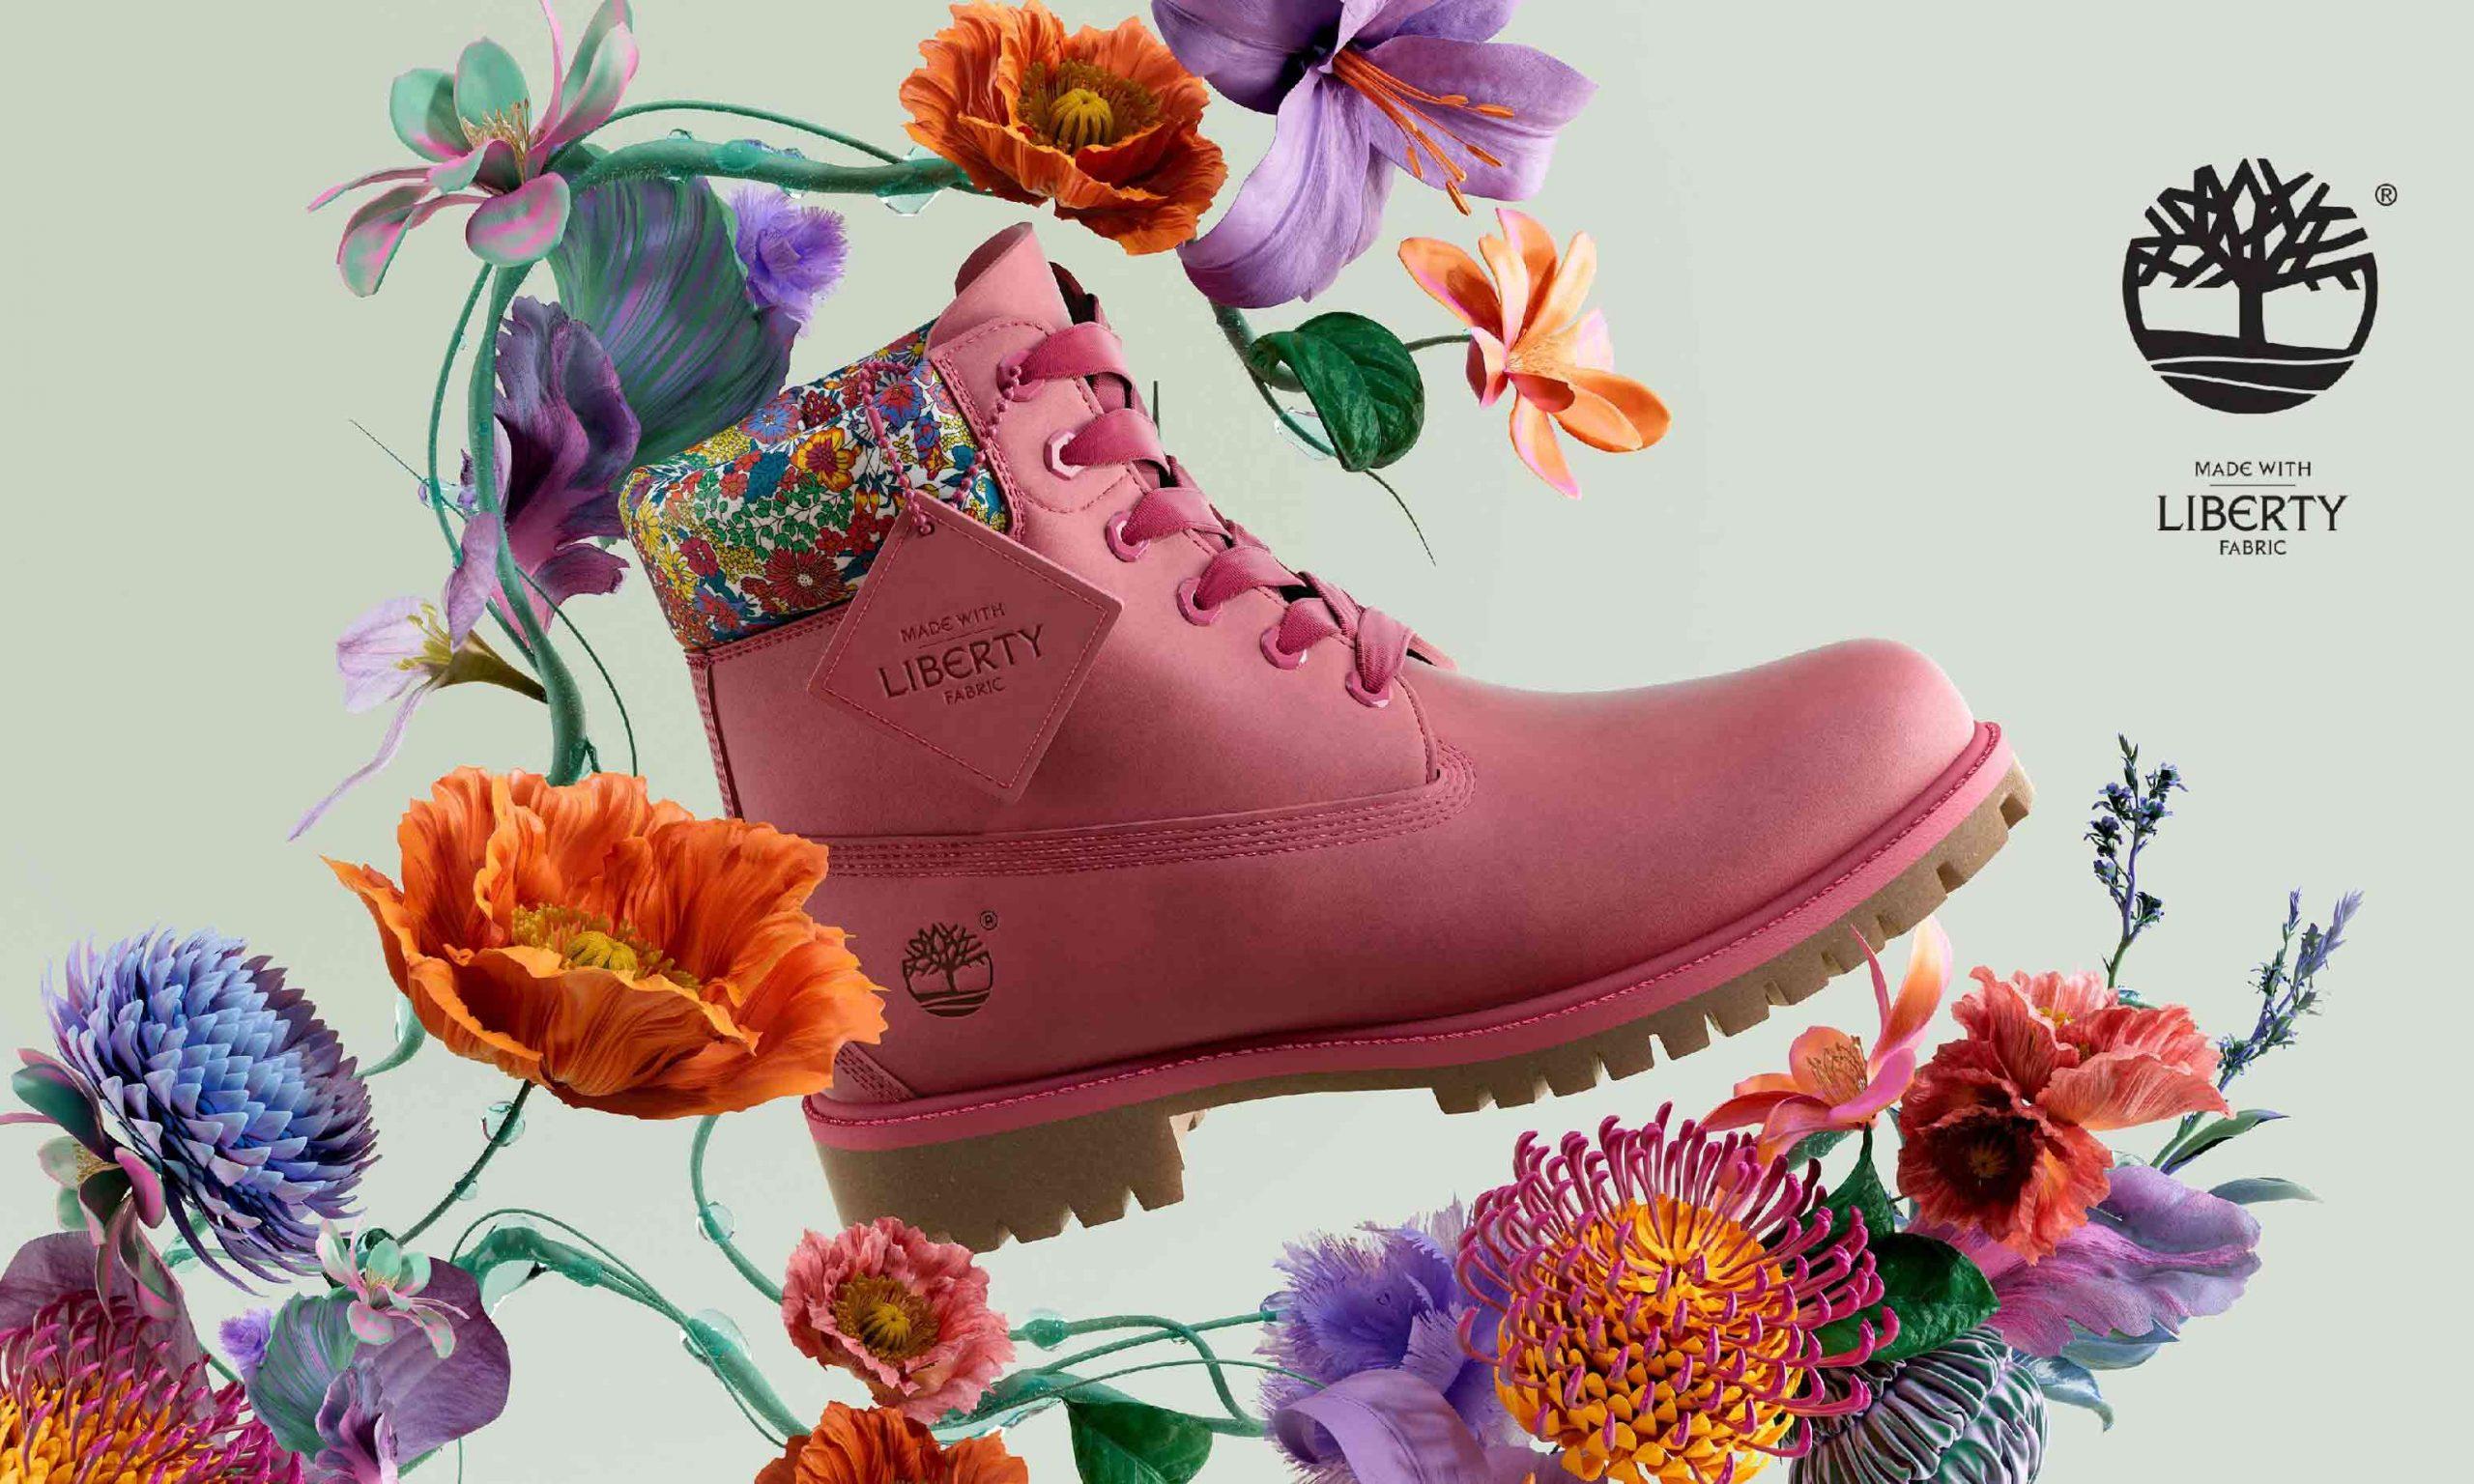 融入 Liberty Fabrics 经典印花,Timberland 全新鞋款上市